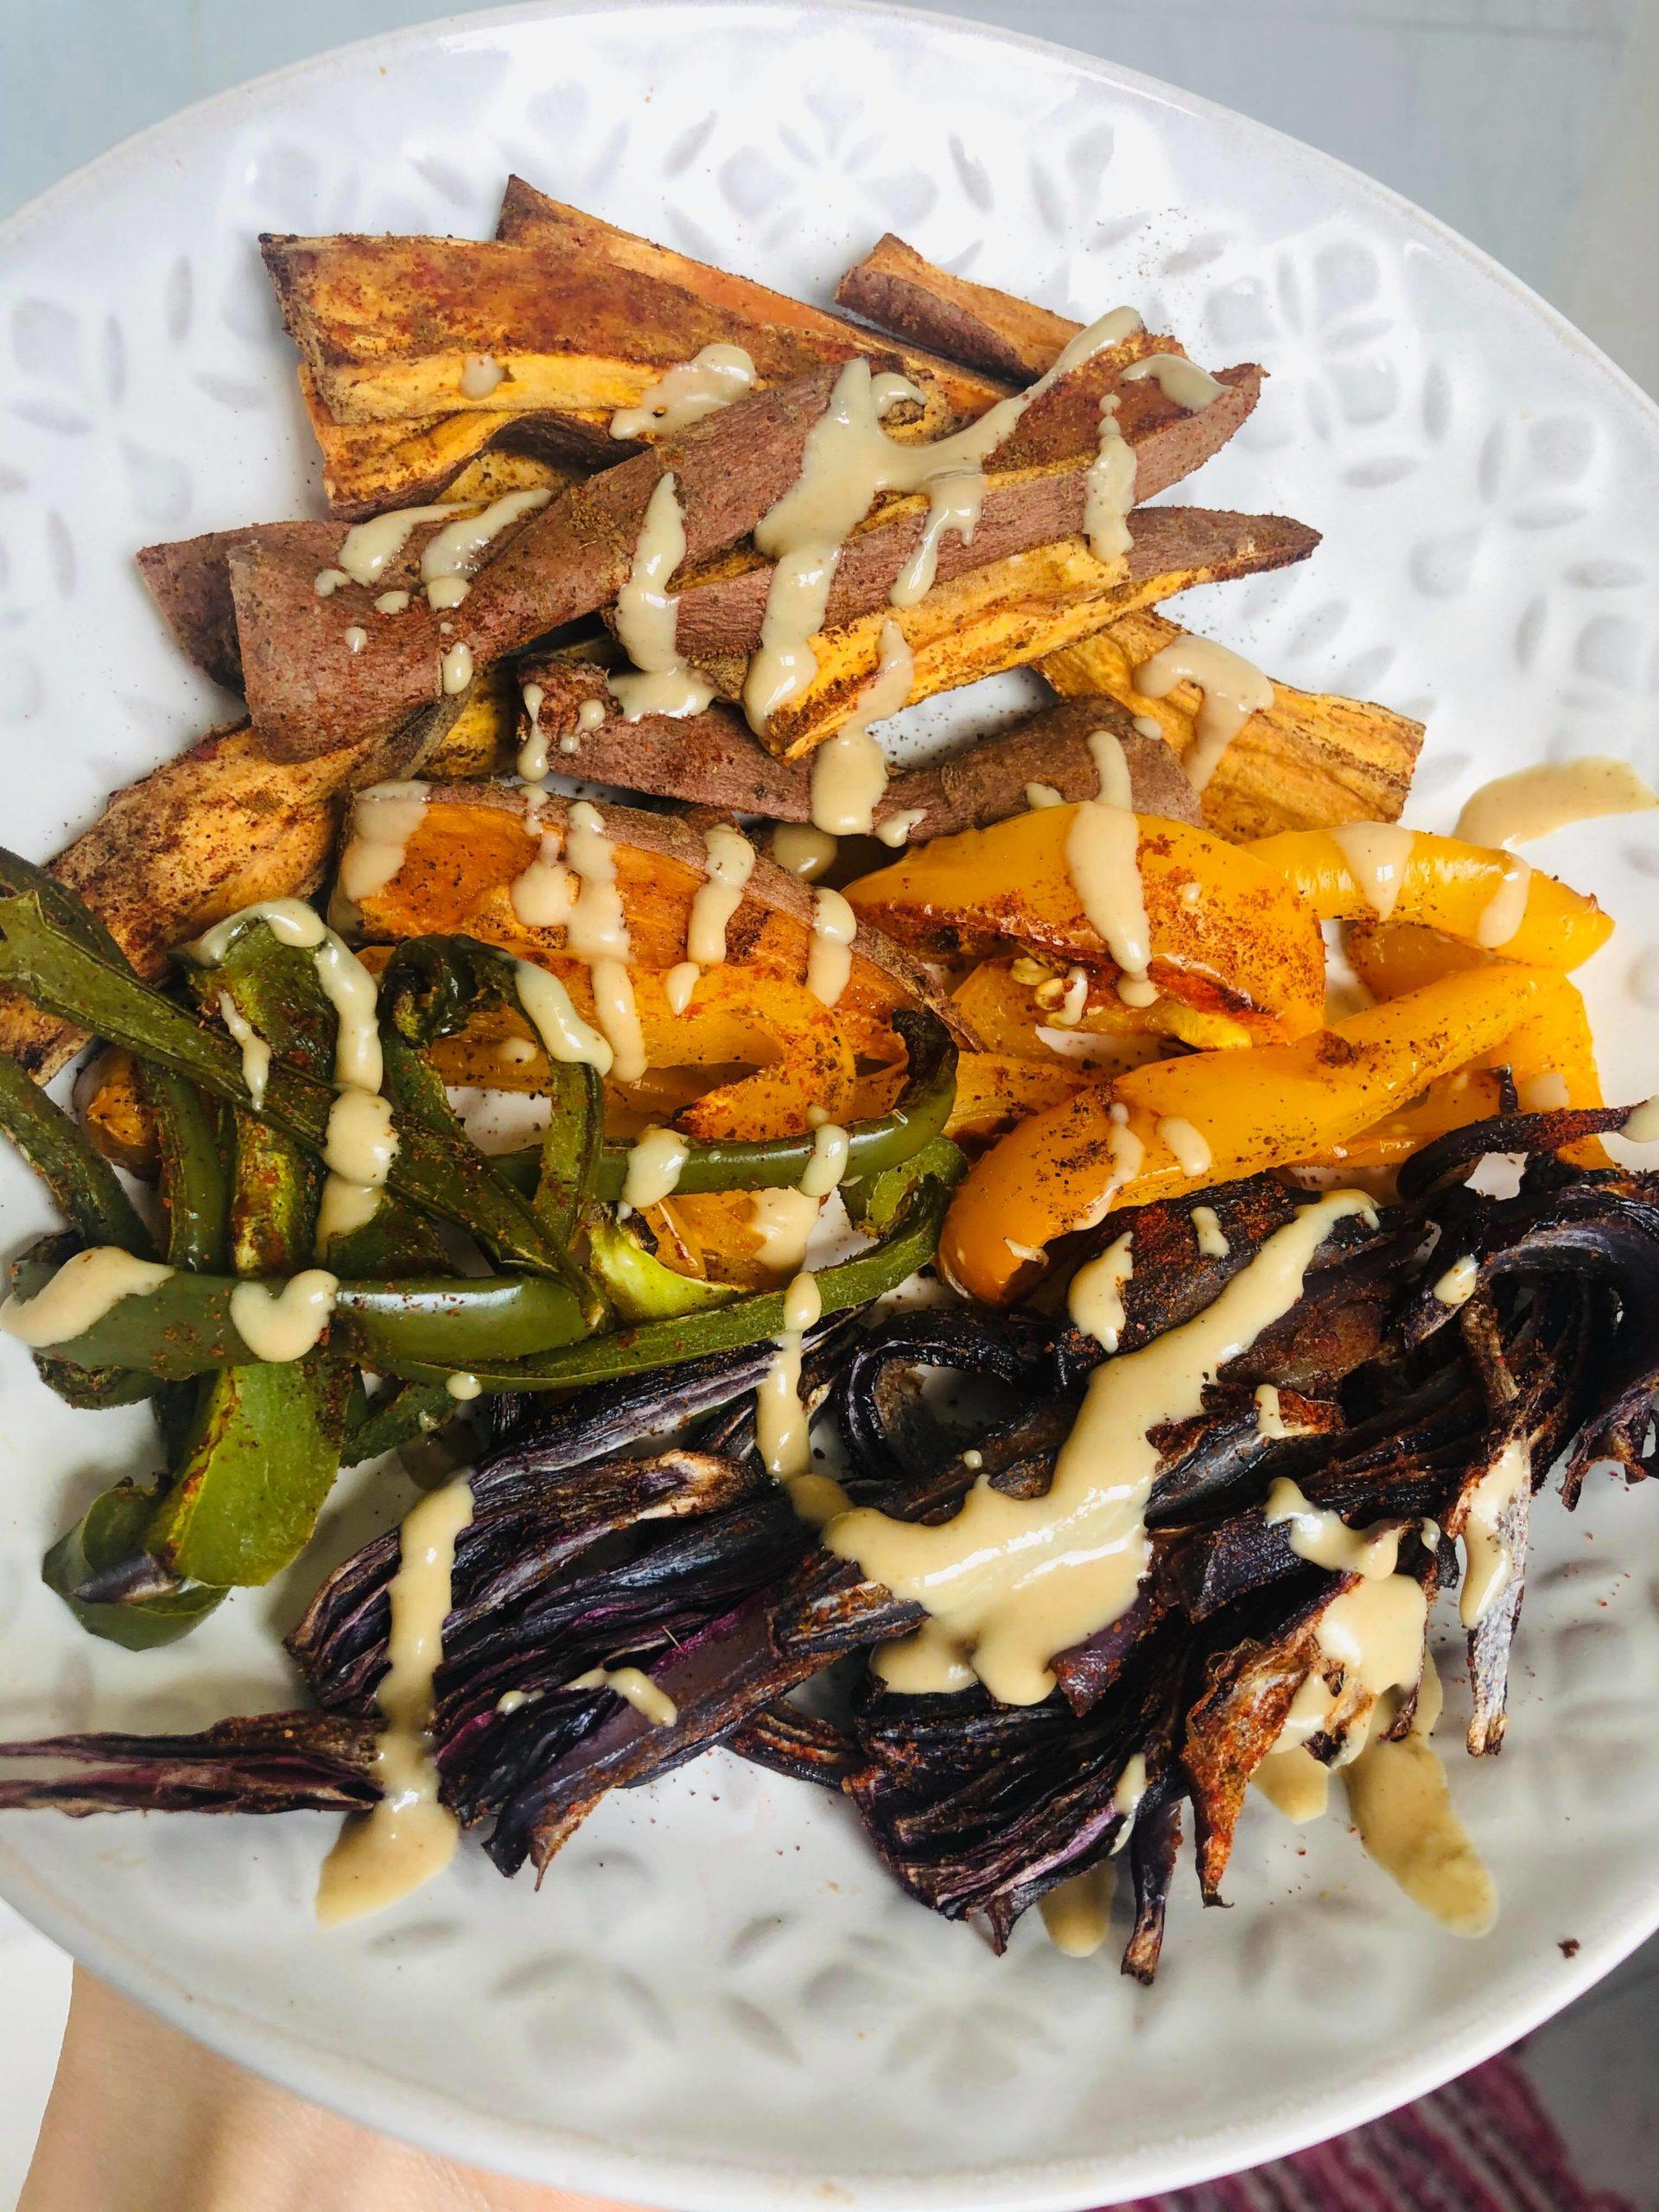 Easy Healthy Oil-Free Fajita Vegetable Filling